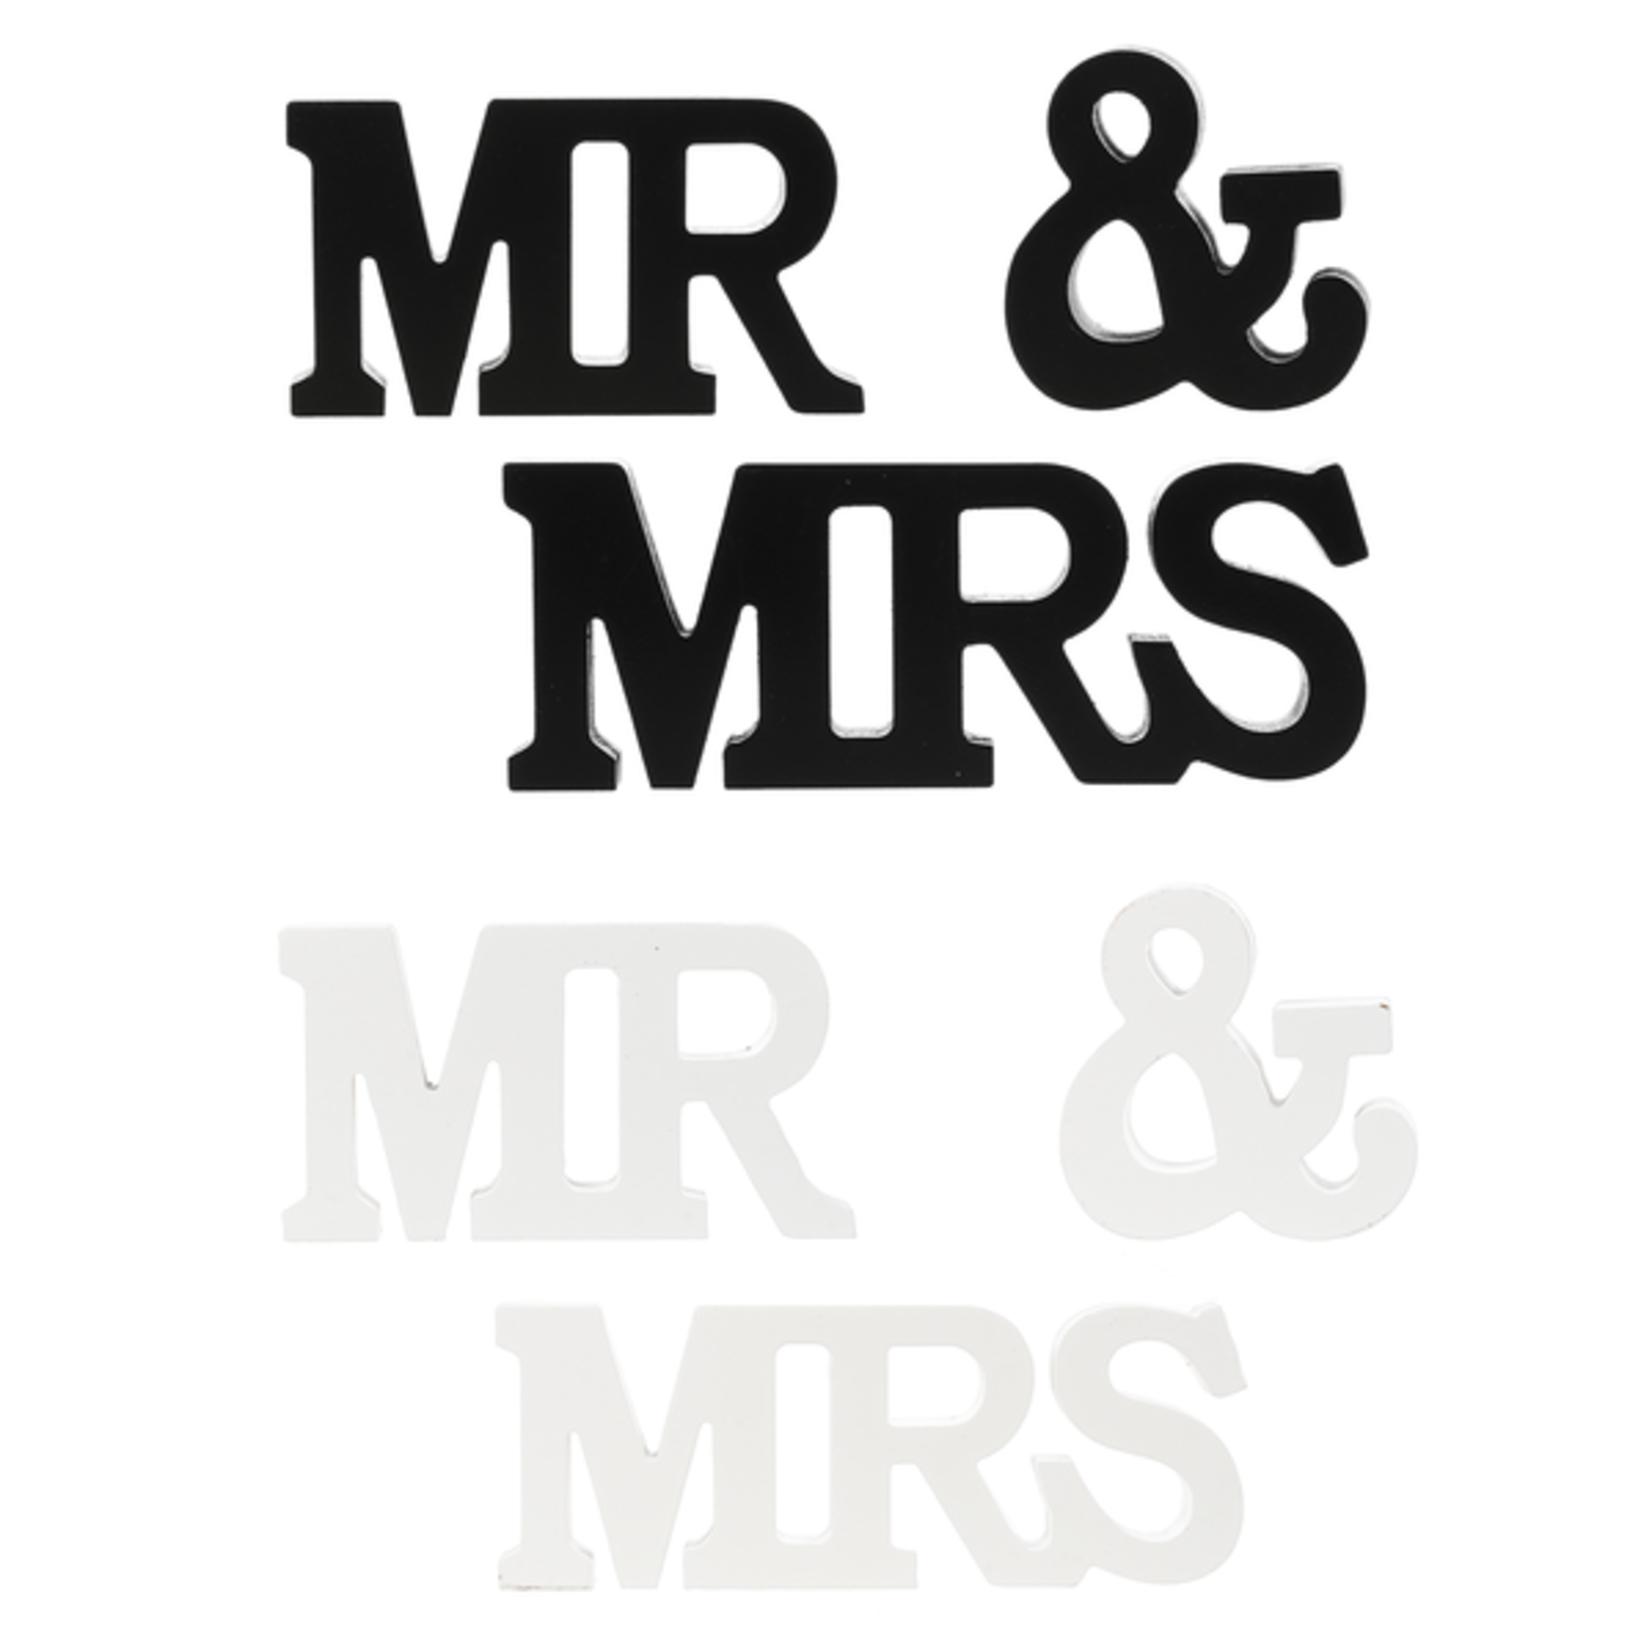 Mr. & Mrs Figurines